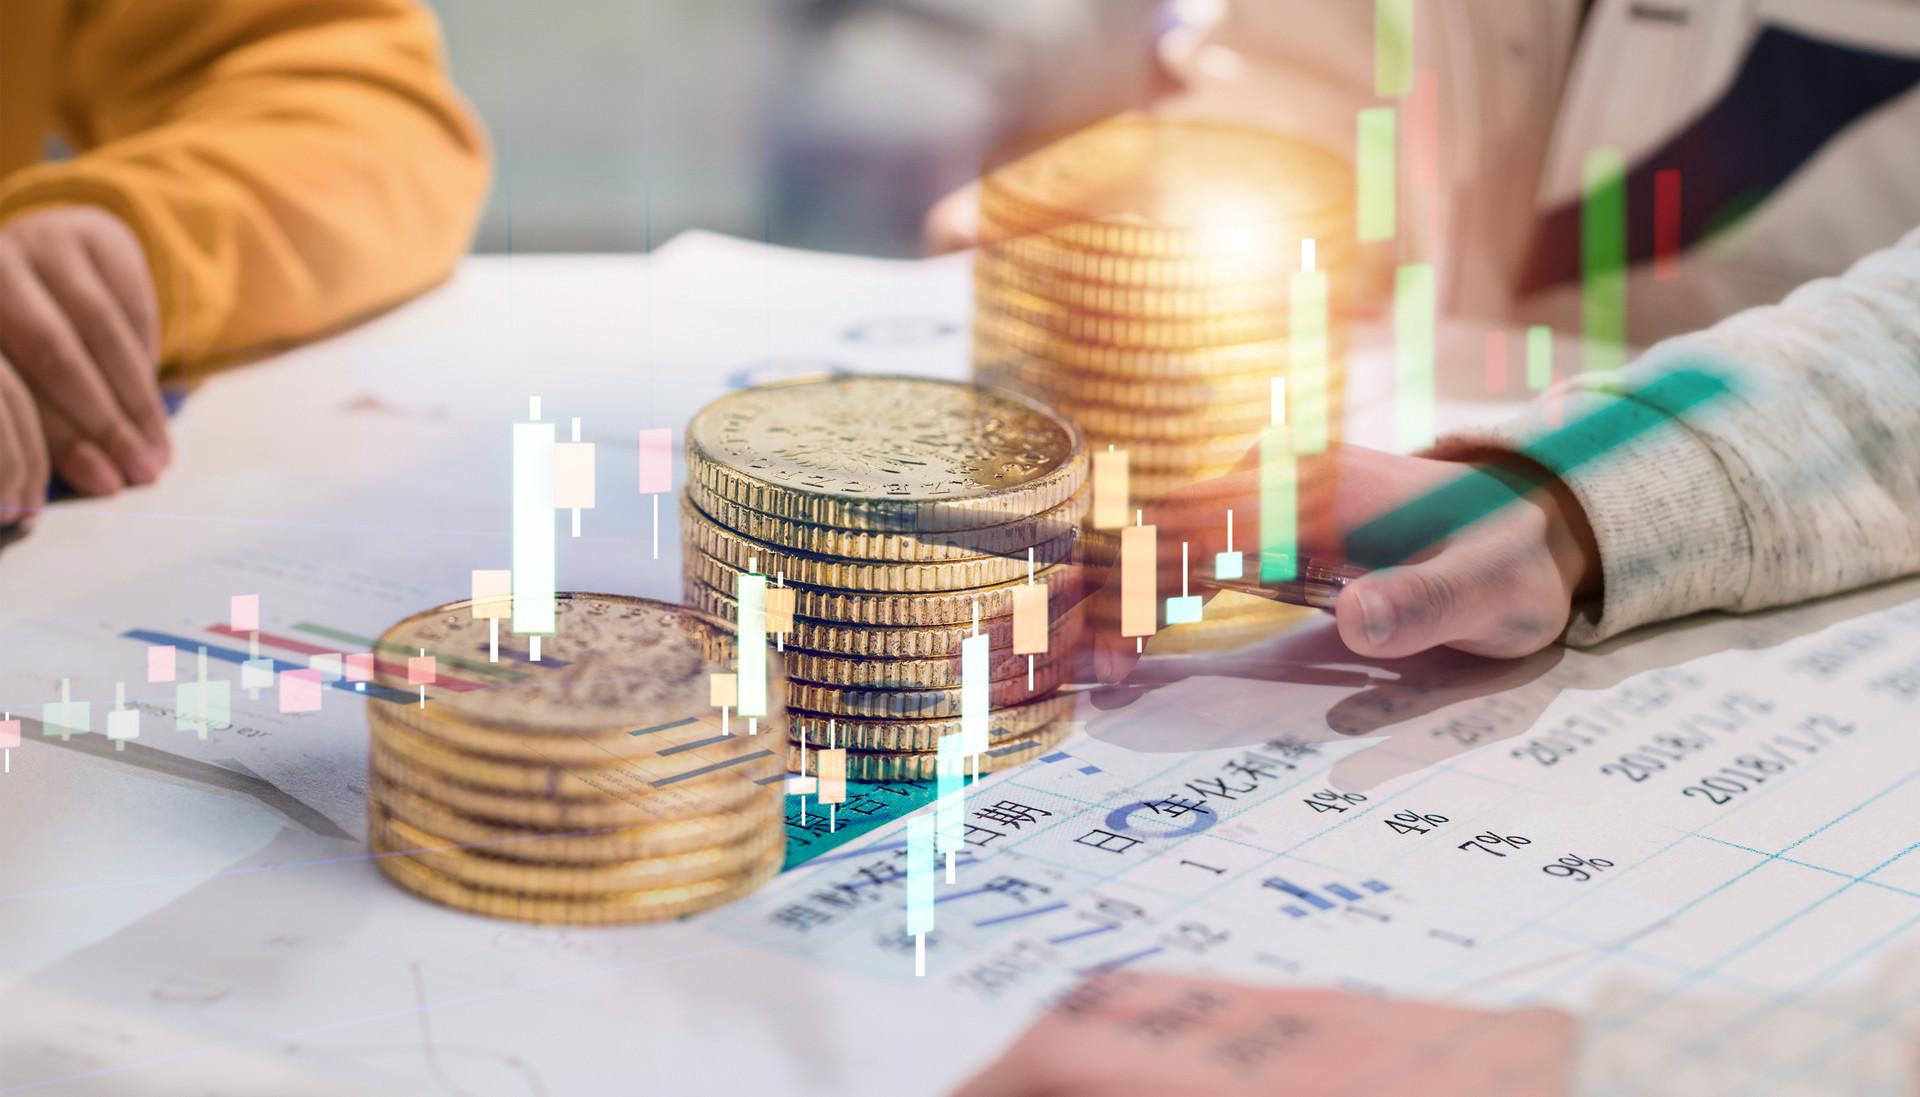 泰山财险拟对子公司泰盛销售公司增资  注册资本金增至3亿元_保险